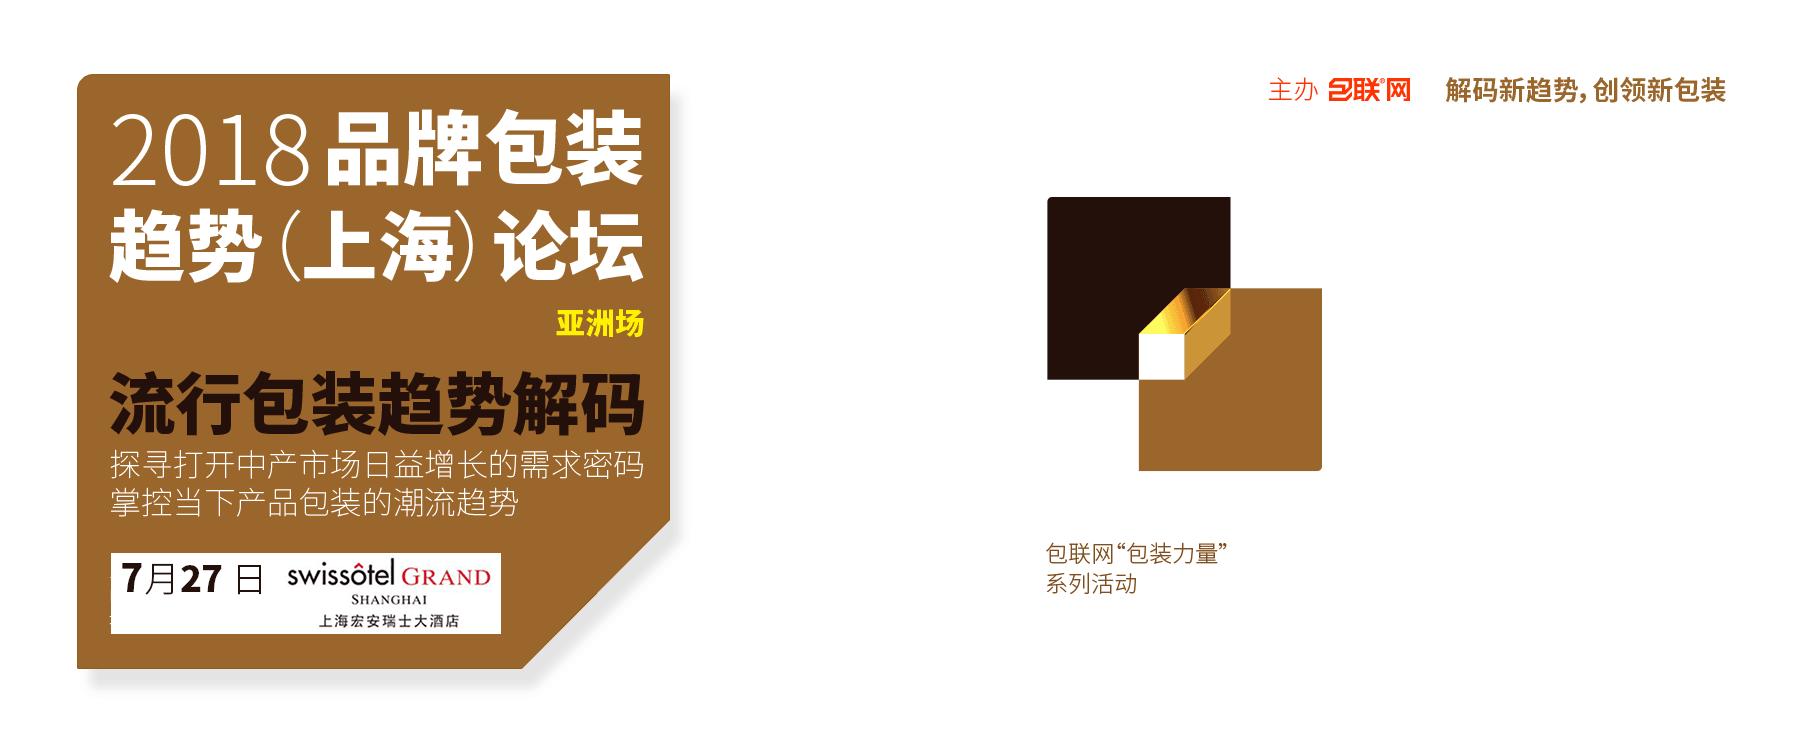 2018品牌包装趋势(上海)论坛亚洲场报名开启